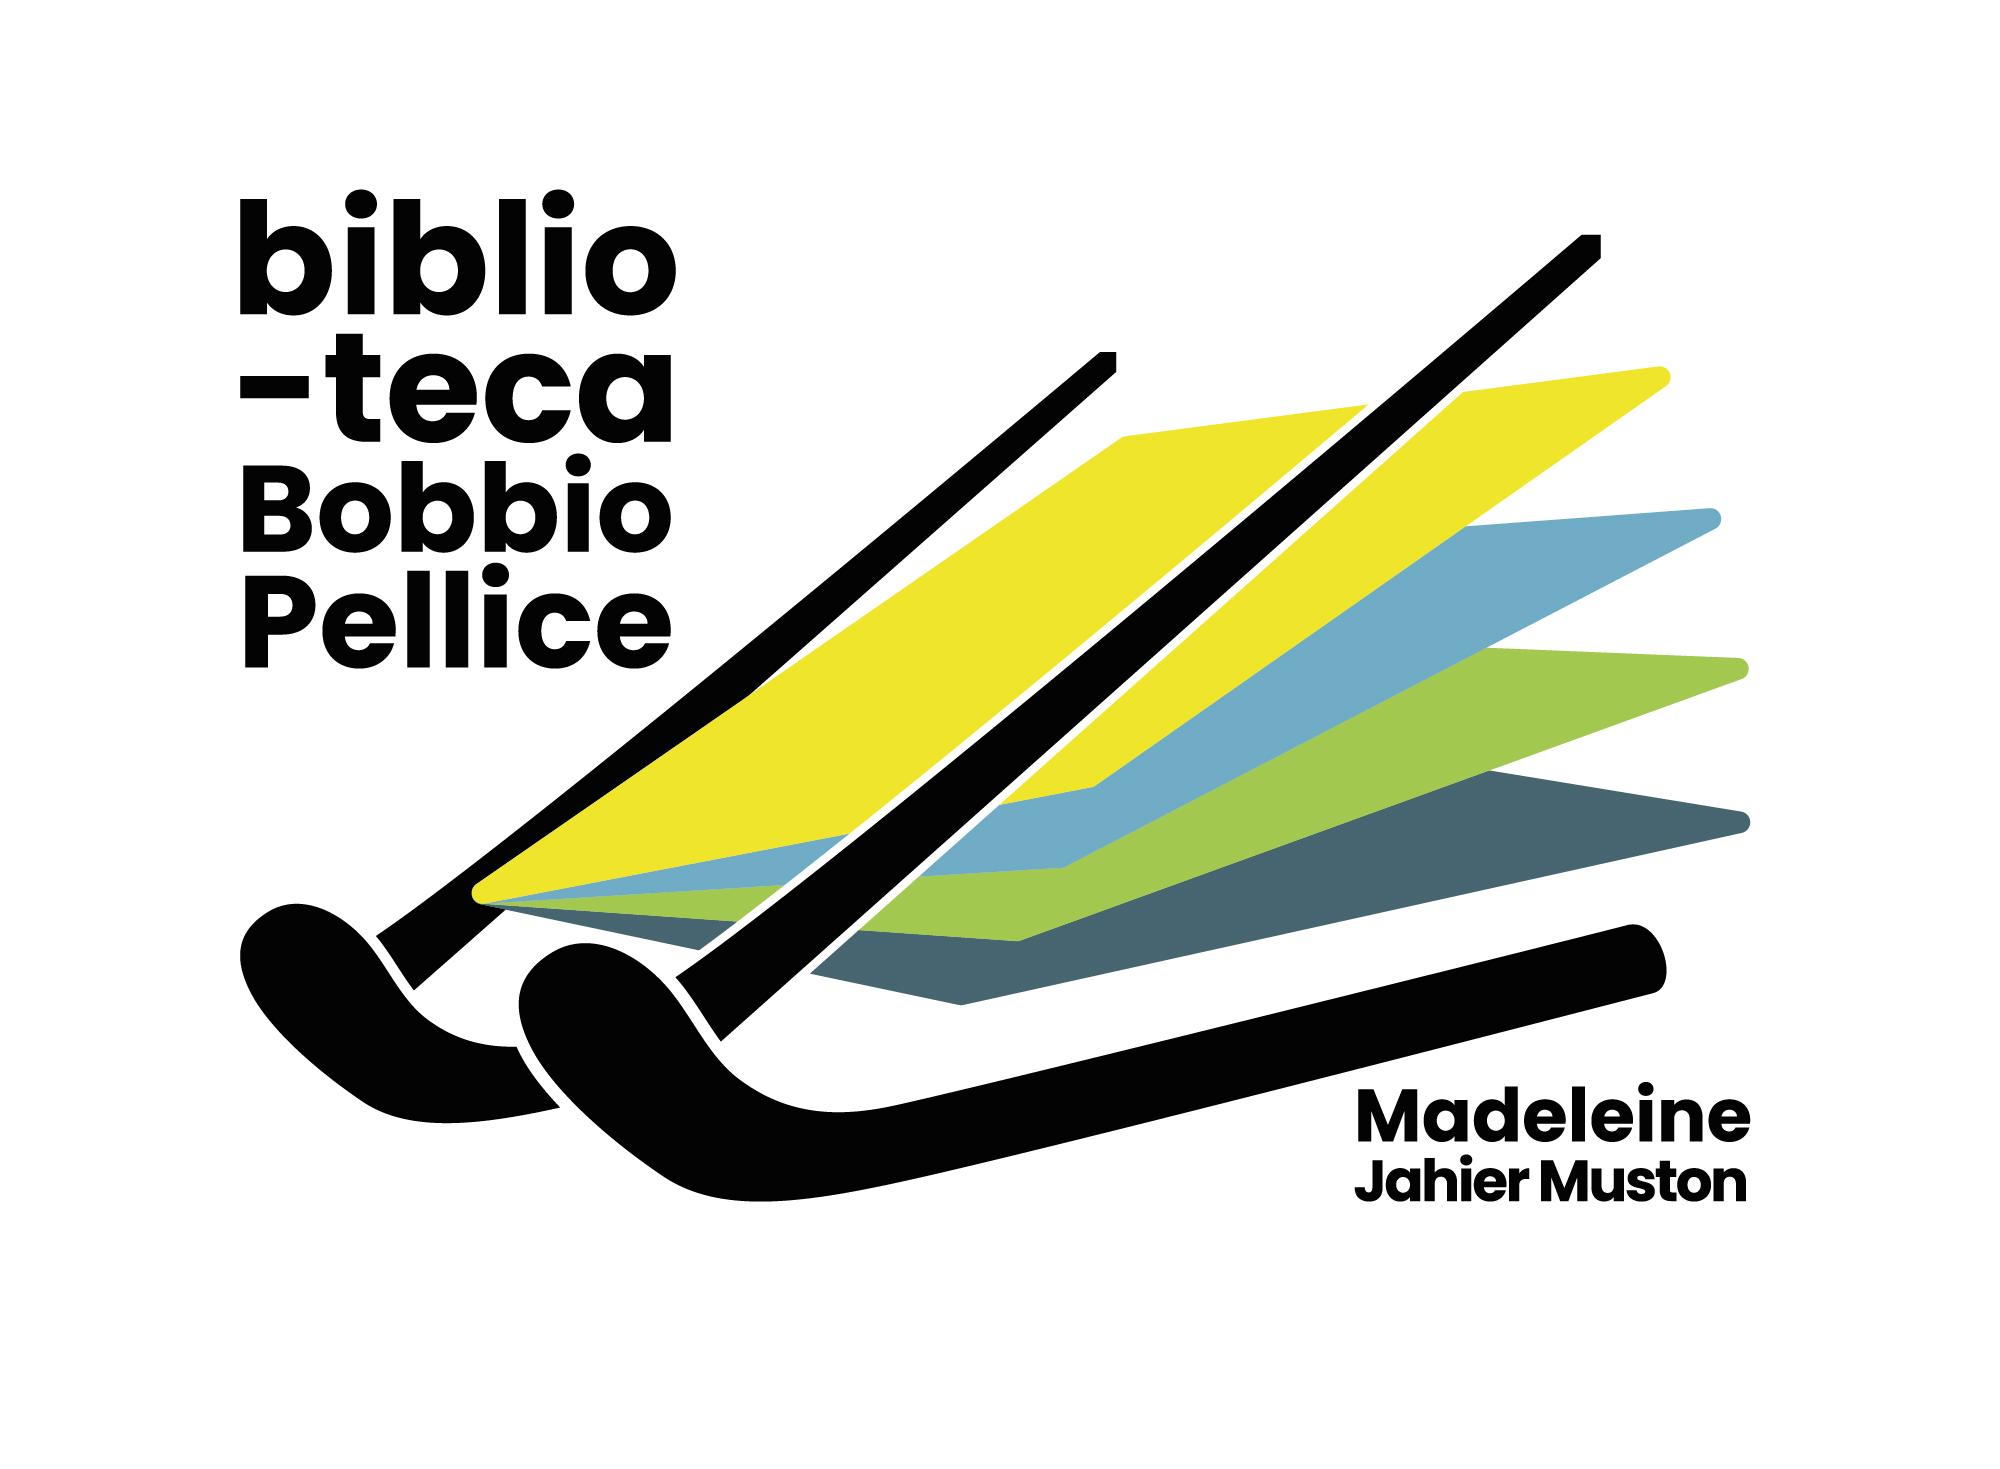 Il Comune di Bobbio Pellice affida al Servizio Giovani e Territorio della Diaconia Valdese il rilancio del servizio bibliotecario